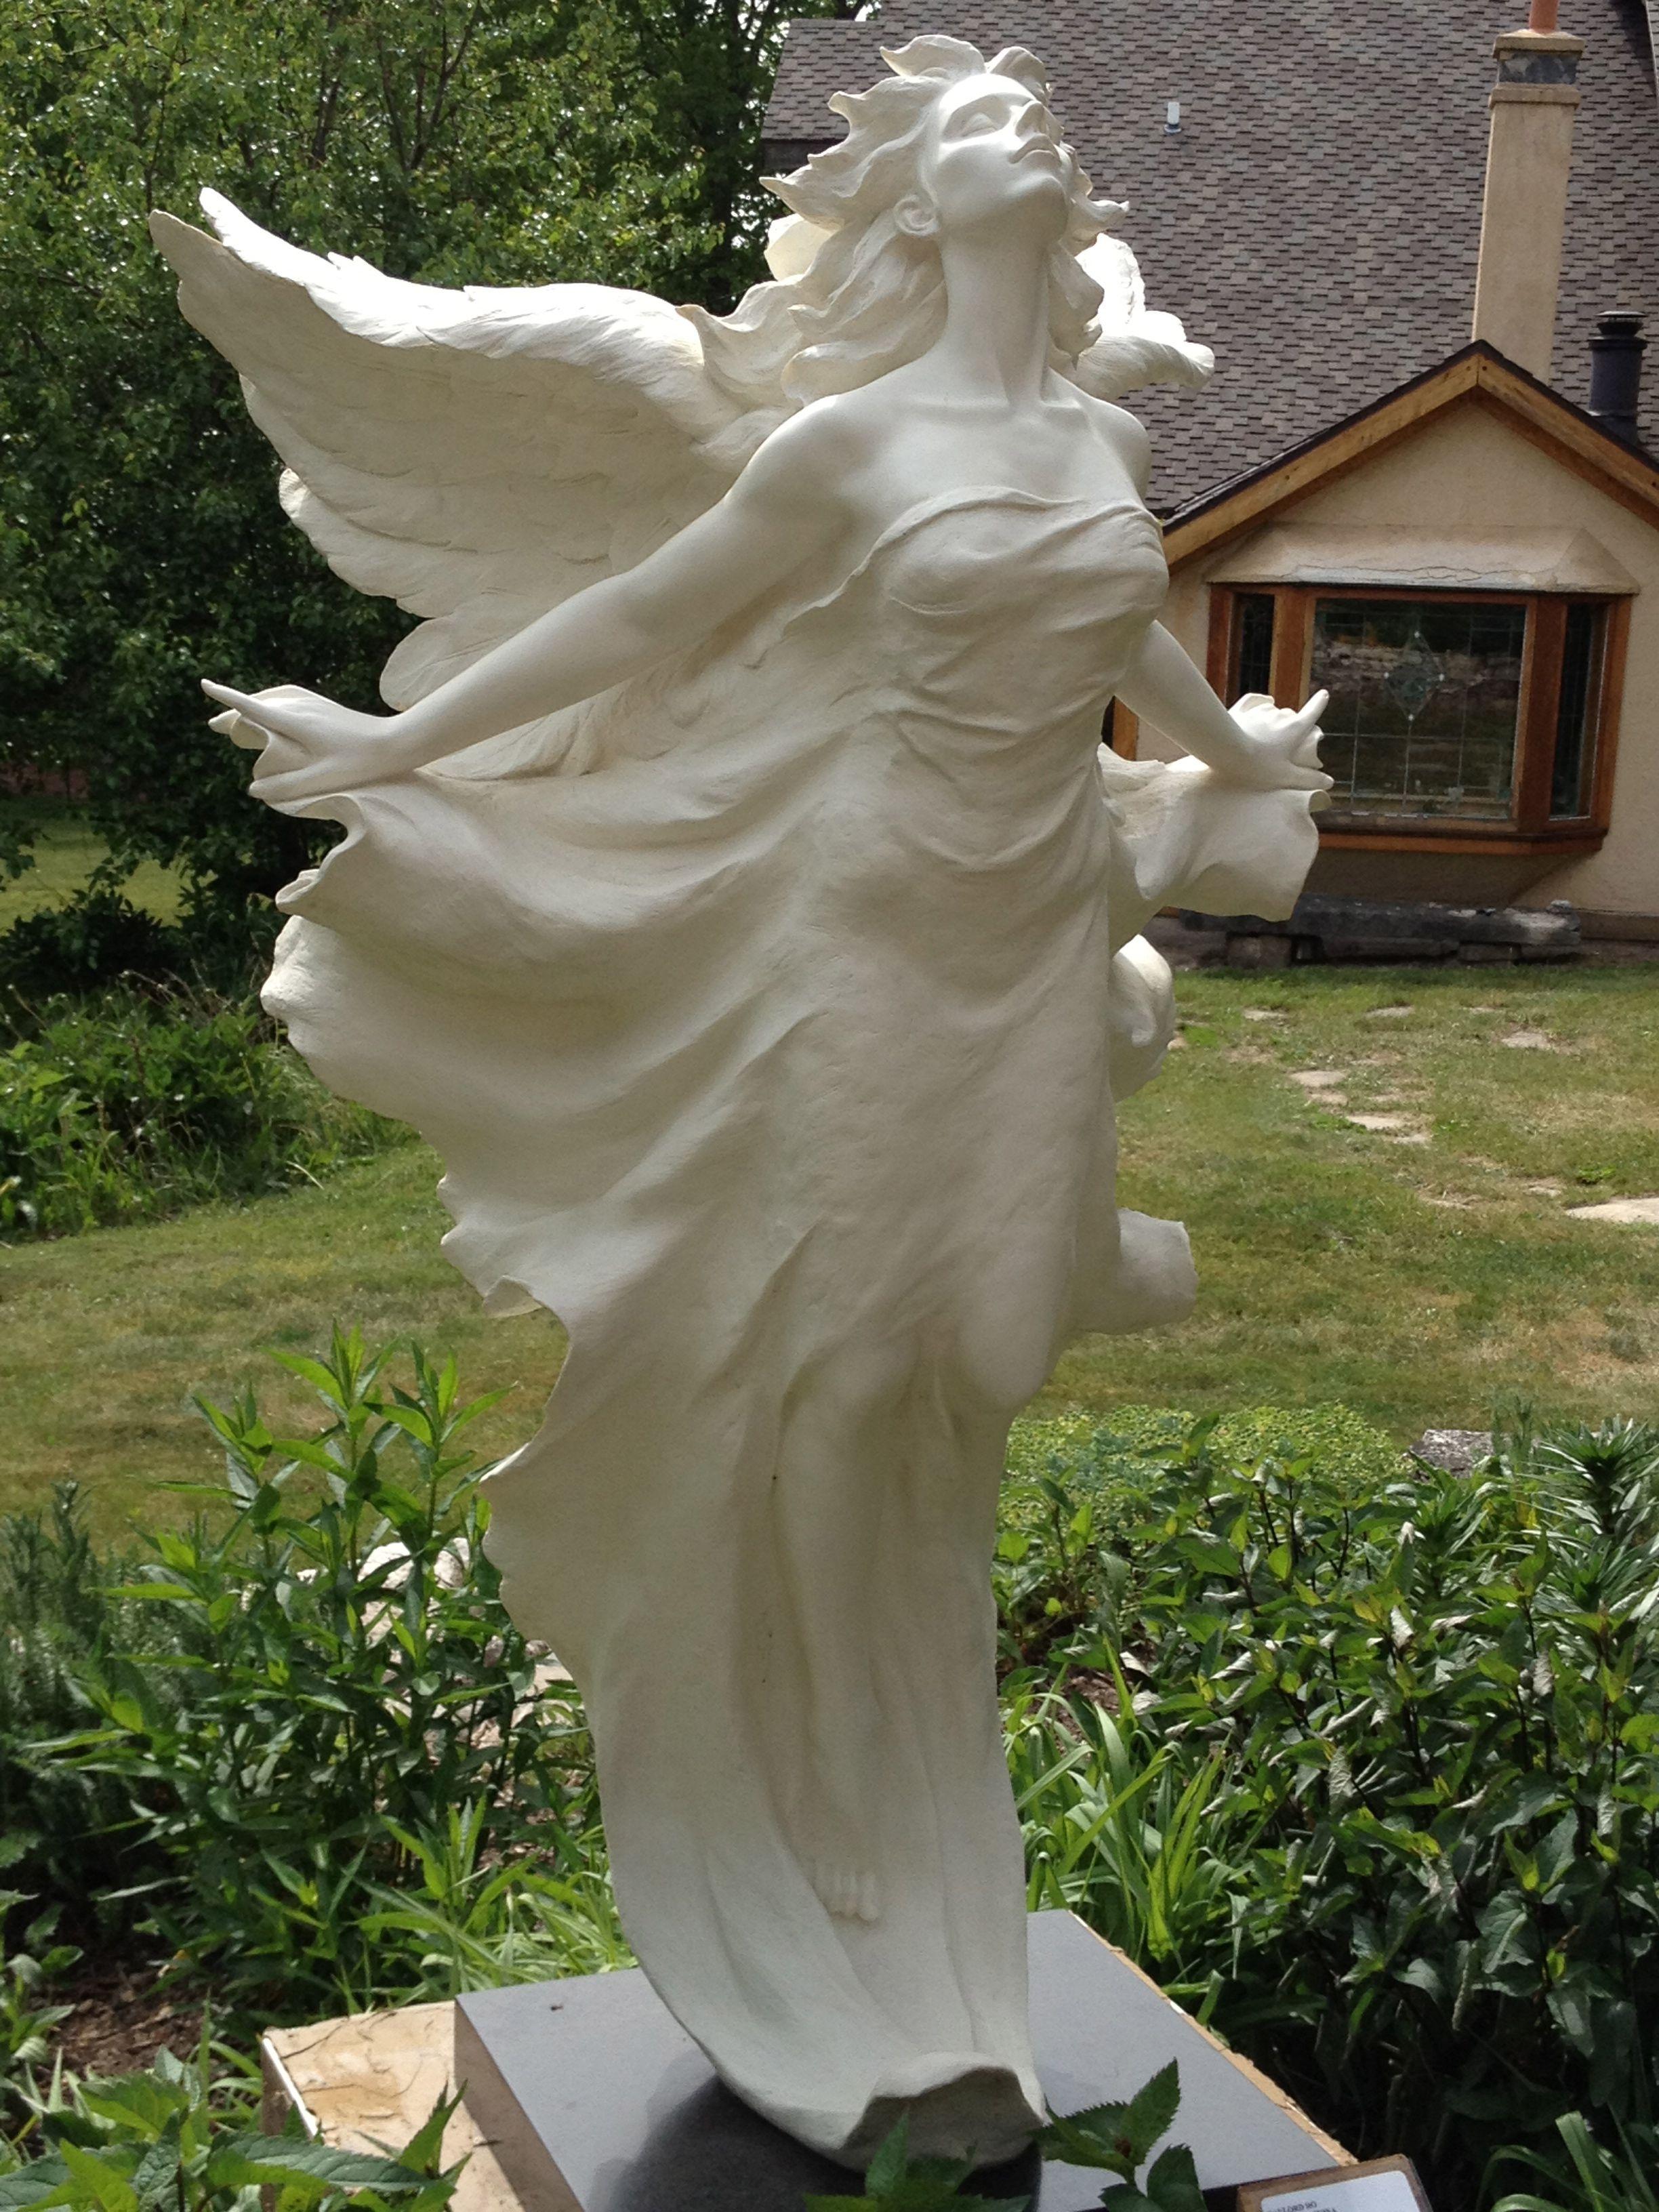 Angel sculpture at the edgewood orchard garden in fish creek wi door county 2012 edgewood - Angel statue for garden ...